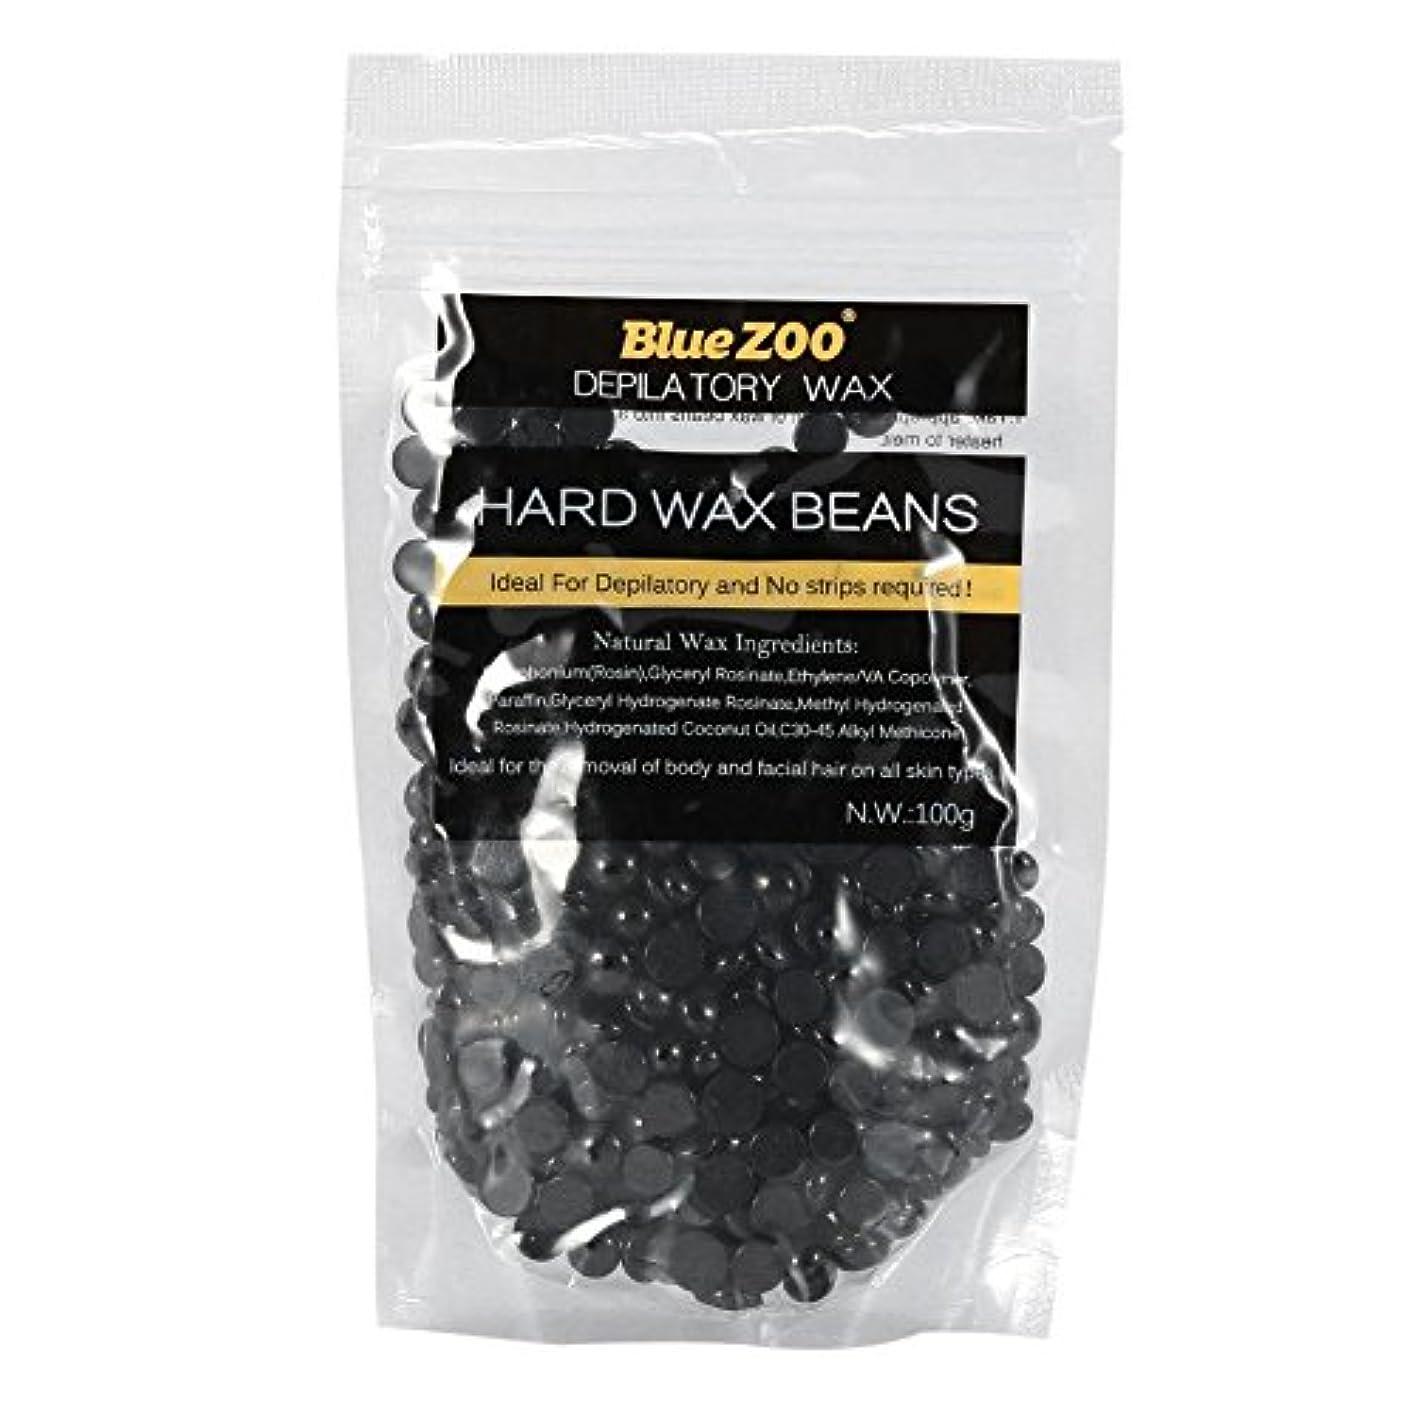 衣装ドアエンジンワックス脱毛ワックスヒーター+ 4 x 100g異なるワックス豆+ 10個ワックススティックプロフェッショナルワックス脱毛セット(黒)